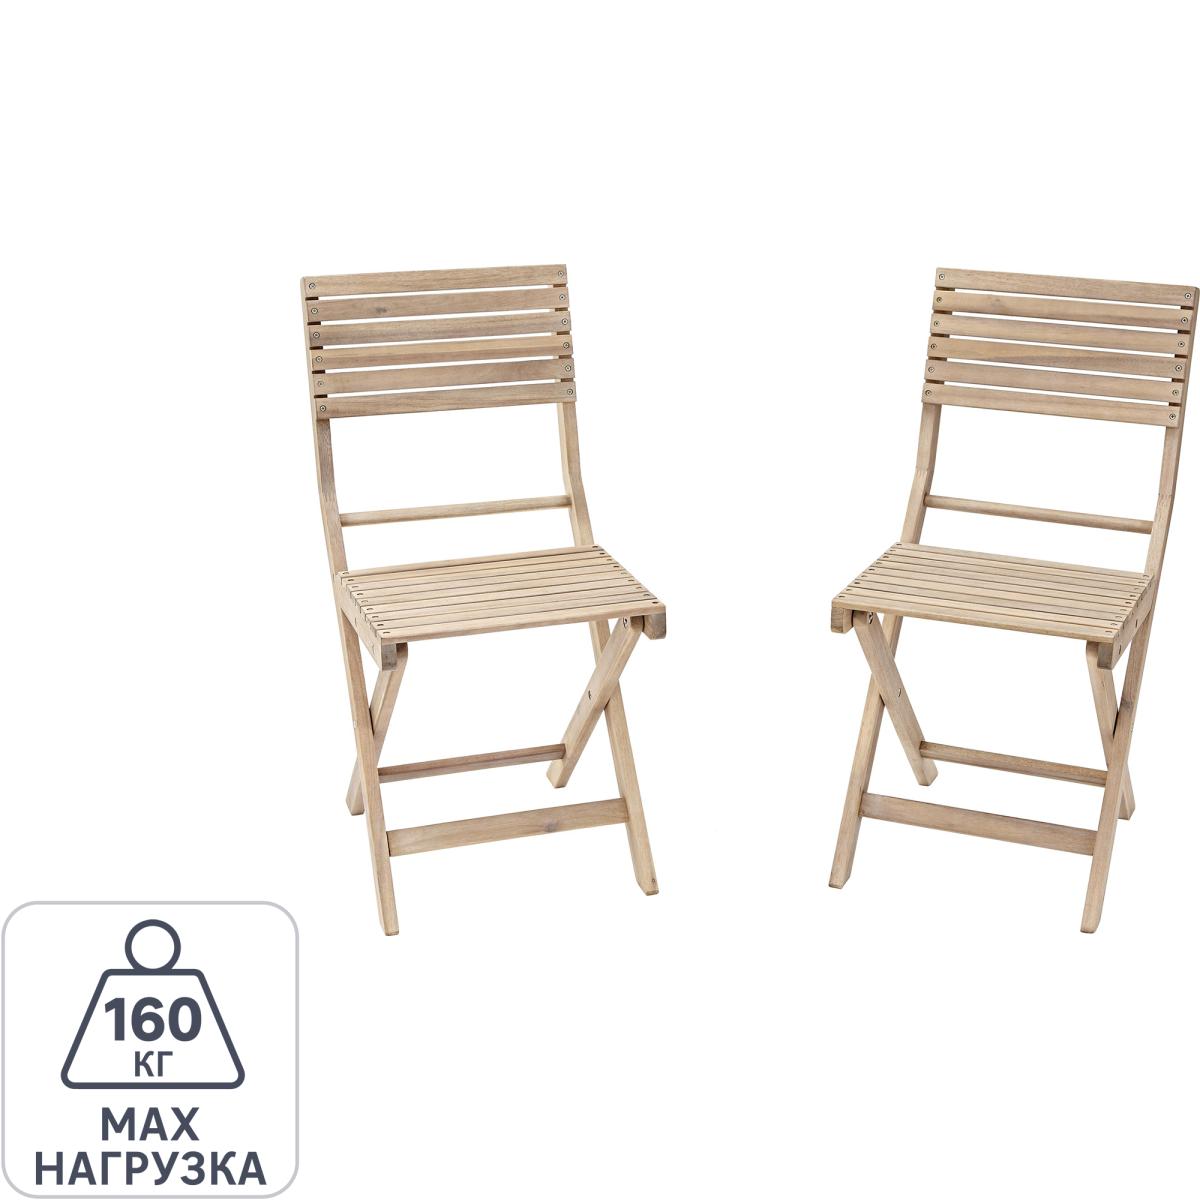 Набор садовой мебели Naterial Solis Origami складной акация 2 стула